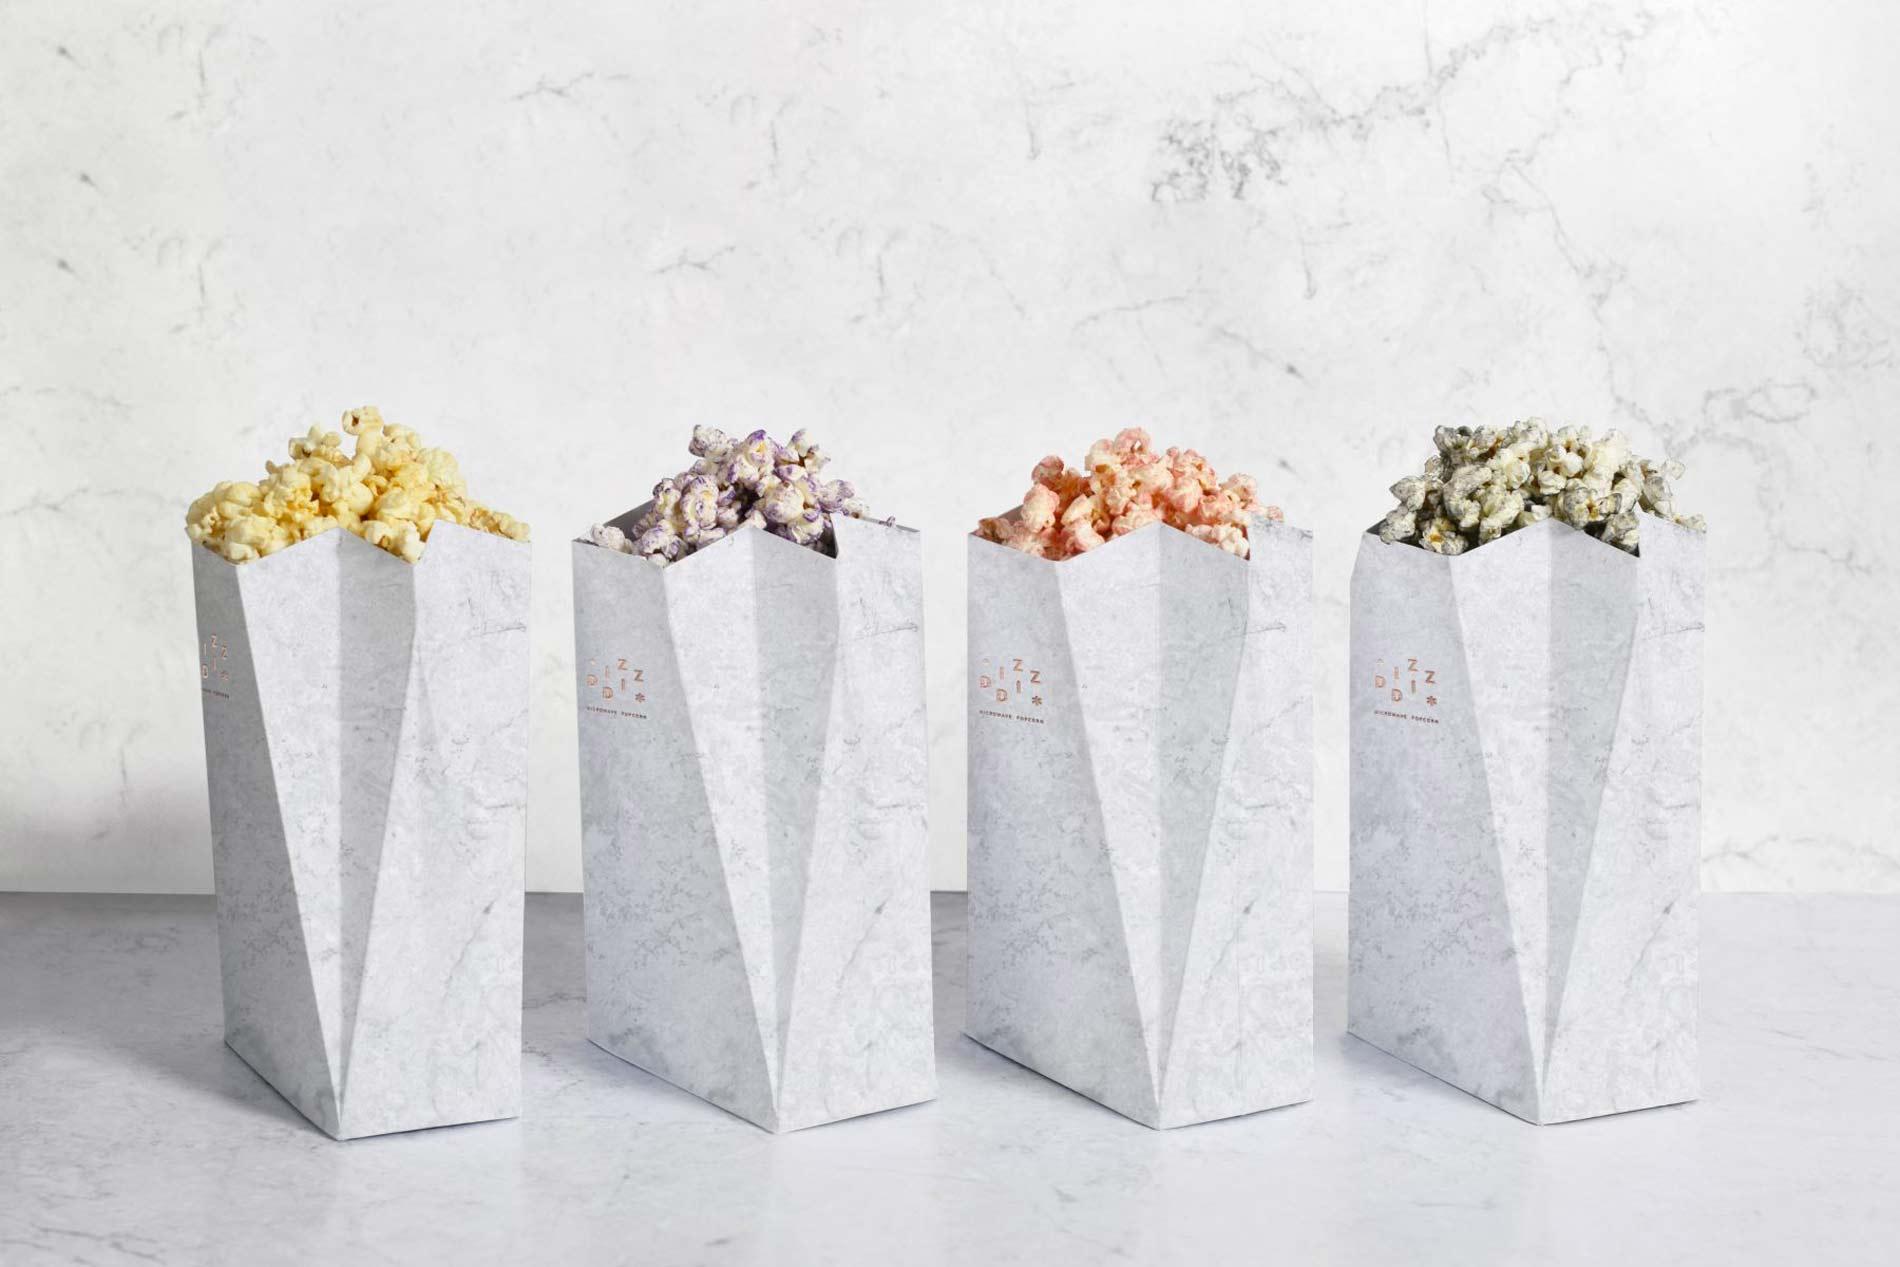 10 creativos diseños de packaging gastronómico